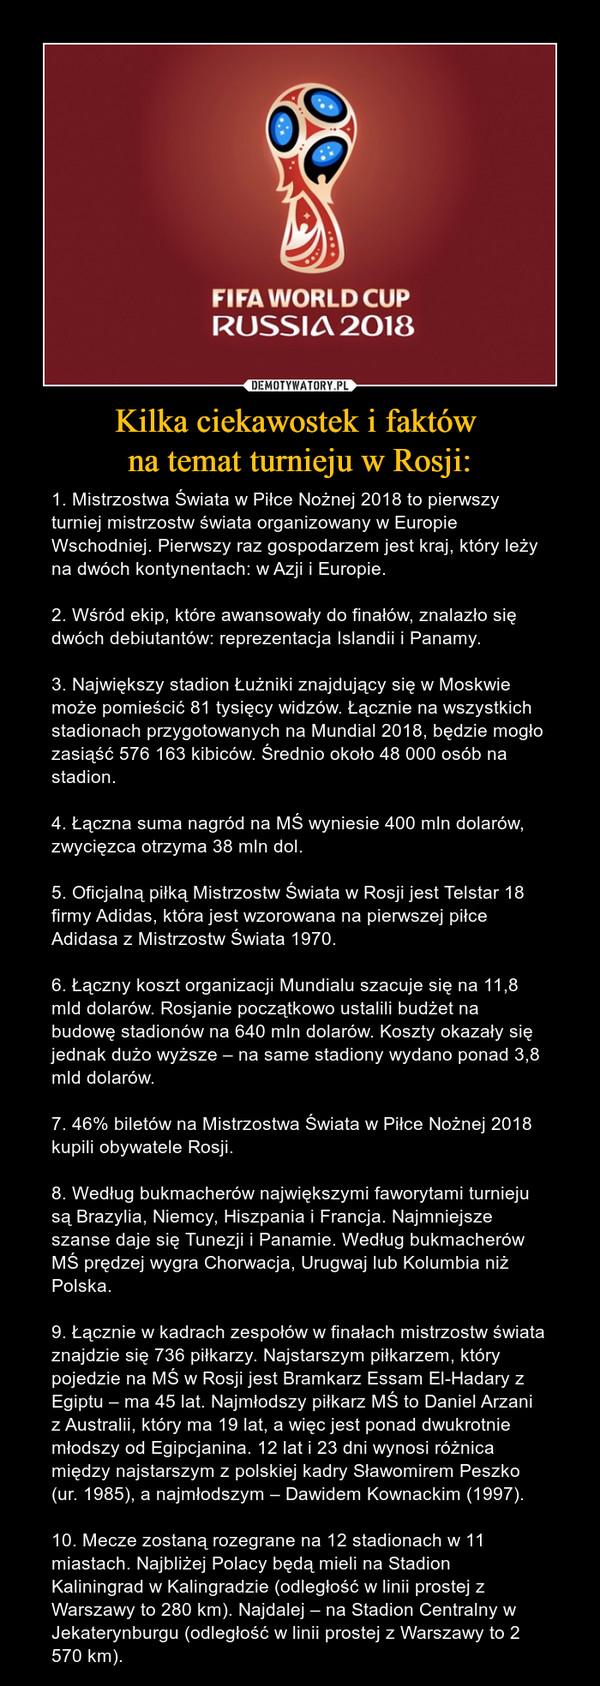 Kilka ciekawostek i faktów na temat turnieju w Rosji: – 1. Mistrzostwa Świata w Piłce Nożnej 2018 to pierwszy turniej mistrzostw świata organizowany w Europie Wschodniej. Pierwszy raz gospodarzem jest kraj, który leży na dwóch kontynentach: w Azji i Europie.2. Wśród ekip, które awansowały do finałów, znalazło się dwóch debiutantów: reprezentacja Islandii i Panamy.3. Największy stadion Łużniki znajdujący się w Moskwie może pomieścić 81 tysięcy widzów. Łącznie na wszystkich stadionach przygotowanych na Mundial 2018, będzie mogło zasiąść 576 163 kibiców. Średnio około 48 000 osób na stadion.4. Łączna suma nagród na MŚ wyniesie 400 mln dolarów, zwycięzca otrzyma 38 mln dol.5. Oficjalną piłką Mistrzostw Świata w Rosji jest Telstar 18 firmy Adidas, która jest wzorowana na pierwszej piłce Adidasa z Mistrzostw Świata 1970.6. Łączny koszt organizacji Mundialu szacuje się na 11,8 mld dolarów. Rosjanie początkowo ustalili budżet na budowę stadionów na 640 mln dolarów. Koszty okazały się jednak dużo wyższe – na same stadiony wydano ponad 3,8 mld dolarów.7. 46% biletów na Mistrzostwa Świata w Piłce Nożnej 2018 kupili obywatele Rosji.8. Według bukmacherów największymi faworytami turnieju są Brazylia, Niemcy, Hiszpania i Francja. Najmniejsze szanse daje się Tunezji i Panamie. Według bukmacherów MŚ prędzej wygra Chorwacja, Urugwaj lub Kolumbia niż Polska.9. Łącznie w kadrach zespołów w finałach mistrzostw świata znajdzie się 736 piłkarzy. Najstarszym piłkarzem, który pojedzie na MŚ w Rosji jest Bramkarz Essam El-Hadary z Egiptu – ma 45 lat. Najmłodszy piłkarz MŚ to Daniel Arzani z Australii, który ma 19 lat, a więc jest ponad dwukrotnie młodszy od Egipcjanina. 12 lat i 23 dni wynosi różnica między najstarszym z polskiej kadry Sławomirem Peszko (ur. 1985), a najmłodszym – Dawidem Kownackim (1997).10. Mecze zostaną rozegrane na 12 stadionach w 11 miastach. Najbliżej Polacy będą mieli na Stadion Kaliningrad w Kalingradzie (odległość w linii prostej z Warszawy to 280 km). Najdalej – na